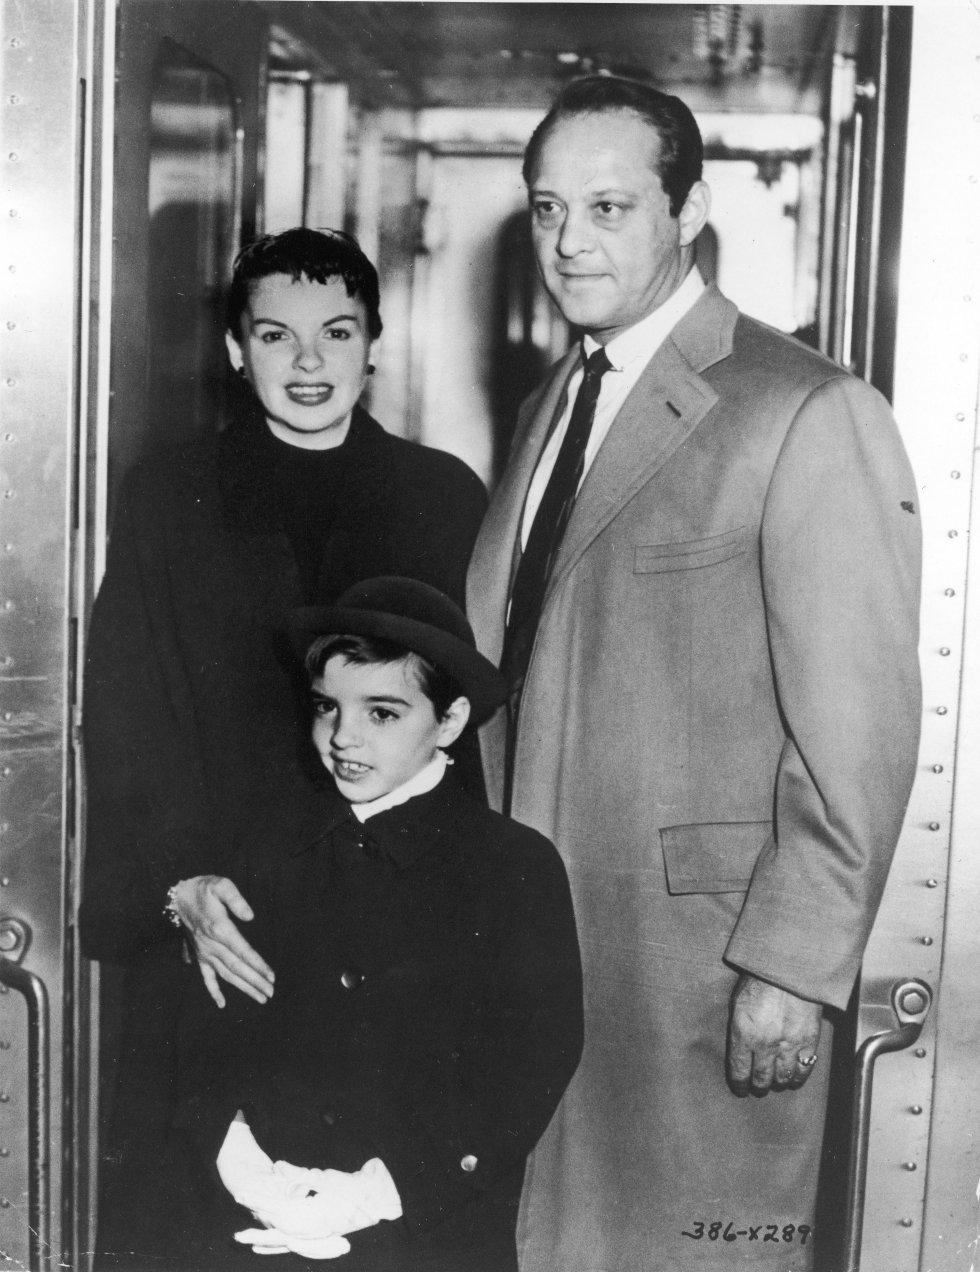 Liza en 1954 junto a su madre, Judy Garland, y su marido de entonces, Sidney Luft